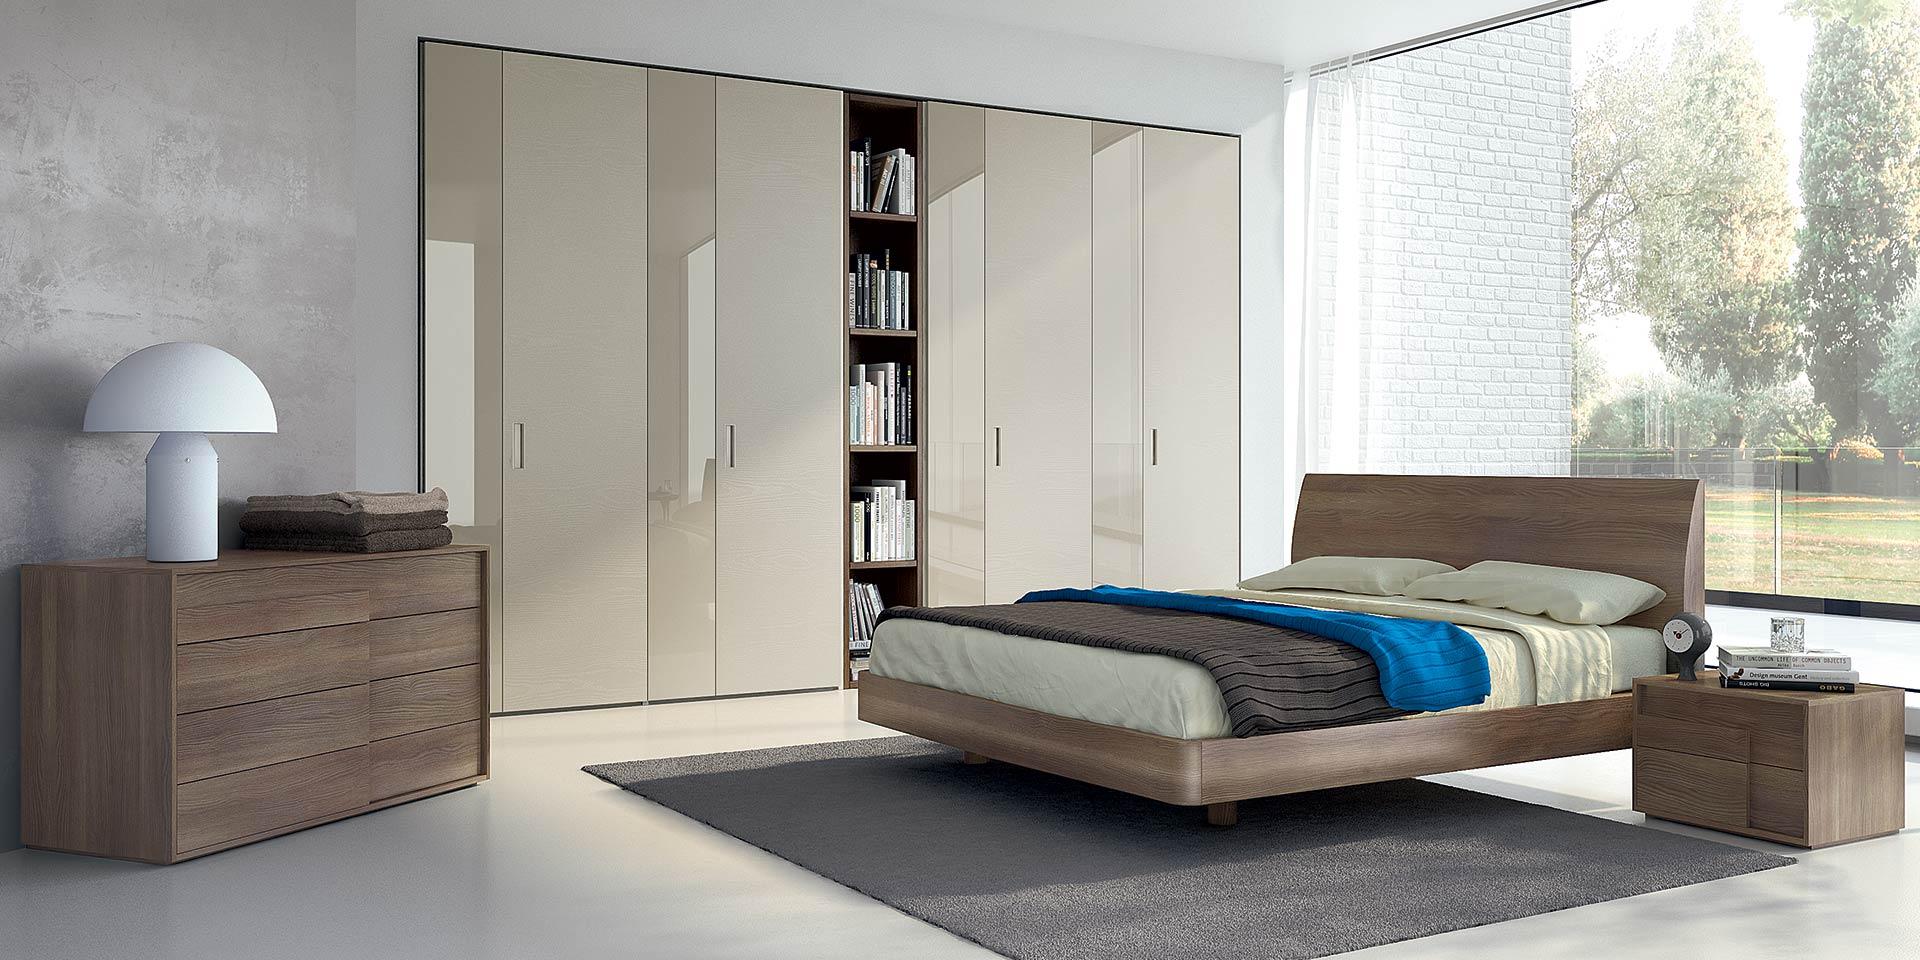 camere da letto moderne e classiche | spar arreda - Arredamenti Camere Da Letto Moderne